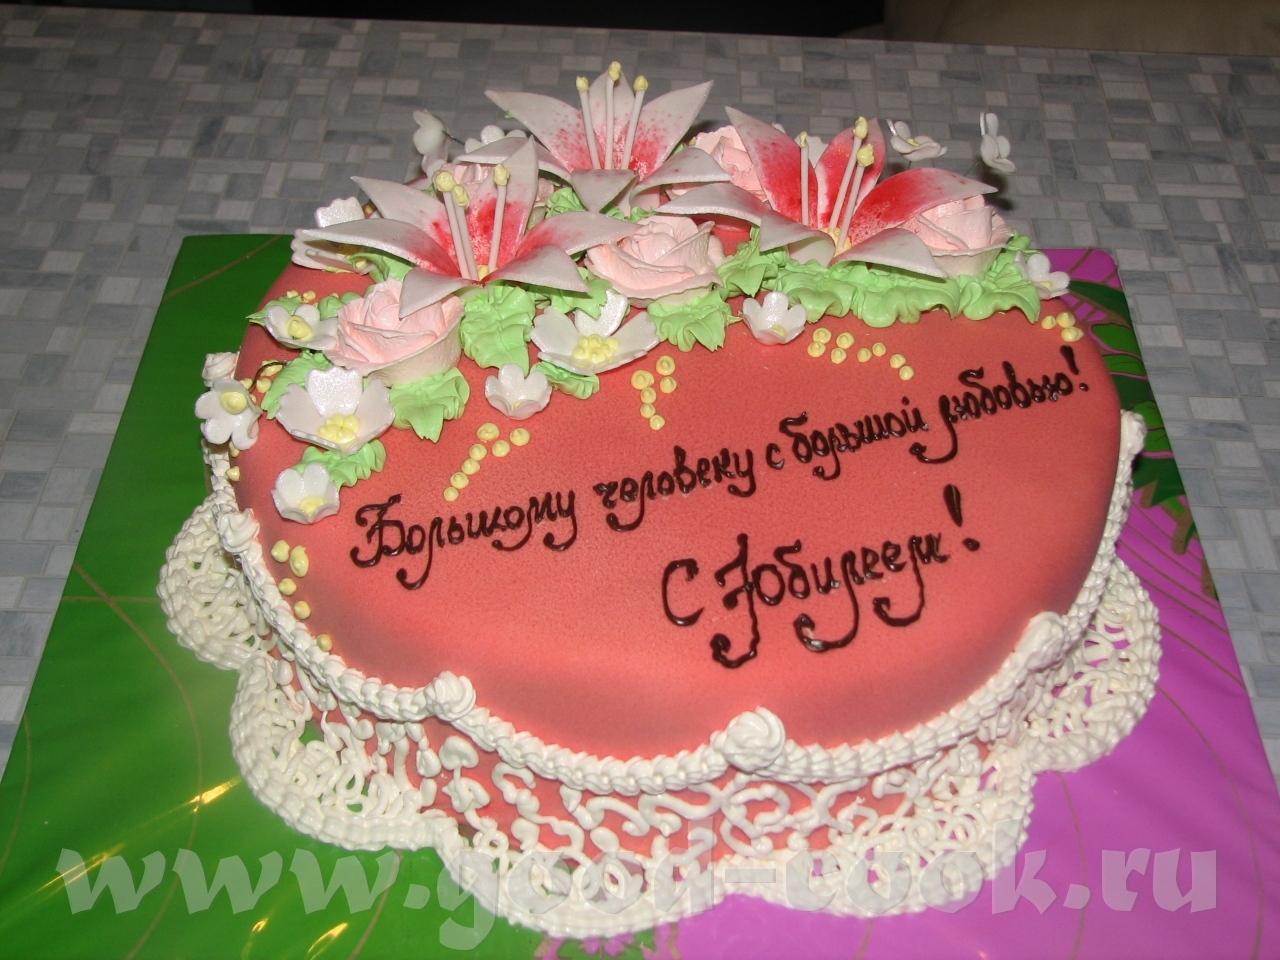 Как правильно написать поздравление на торте